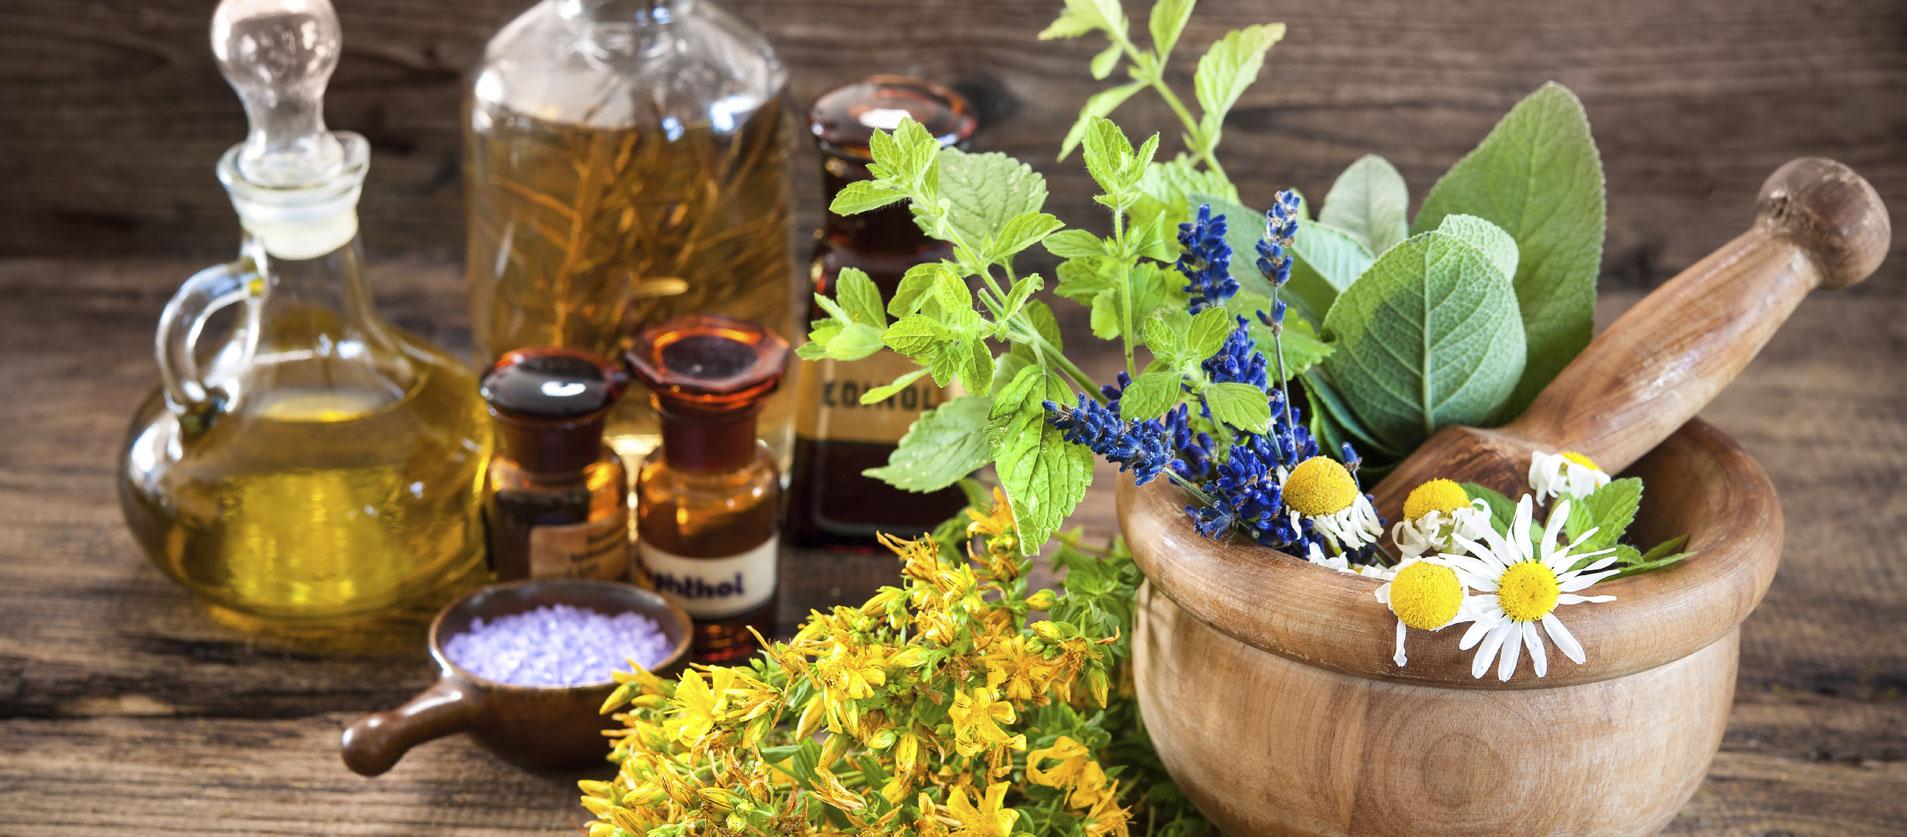 Piante officinali ed erbe aromatiche